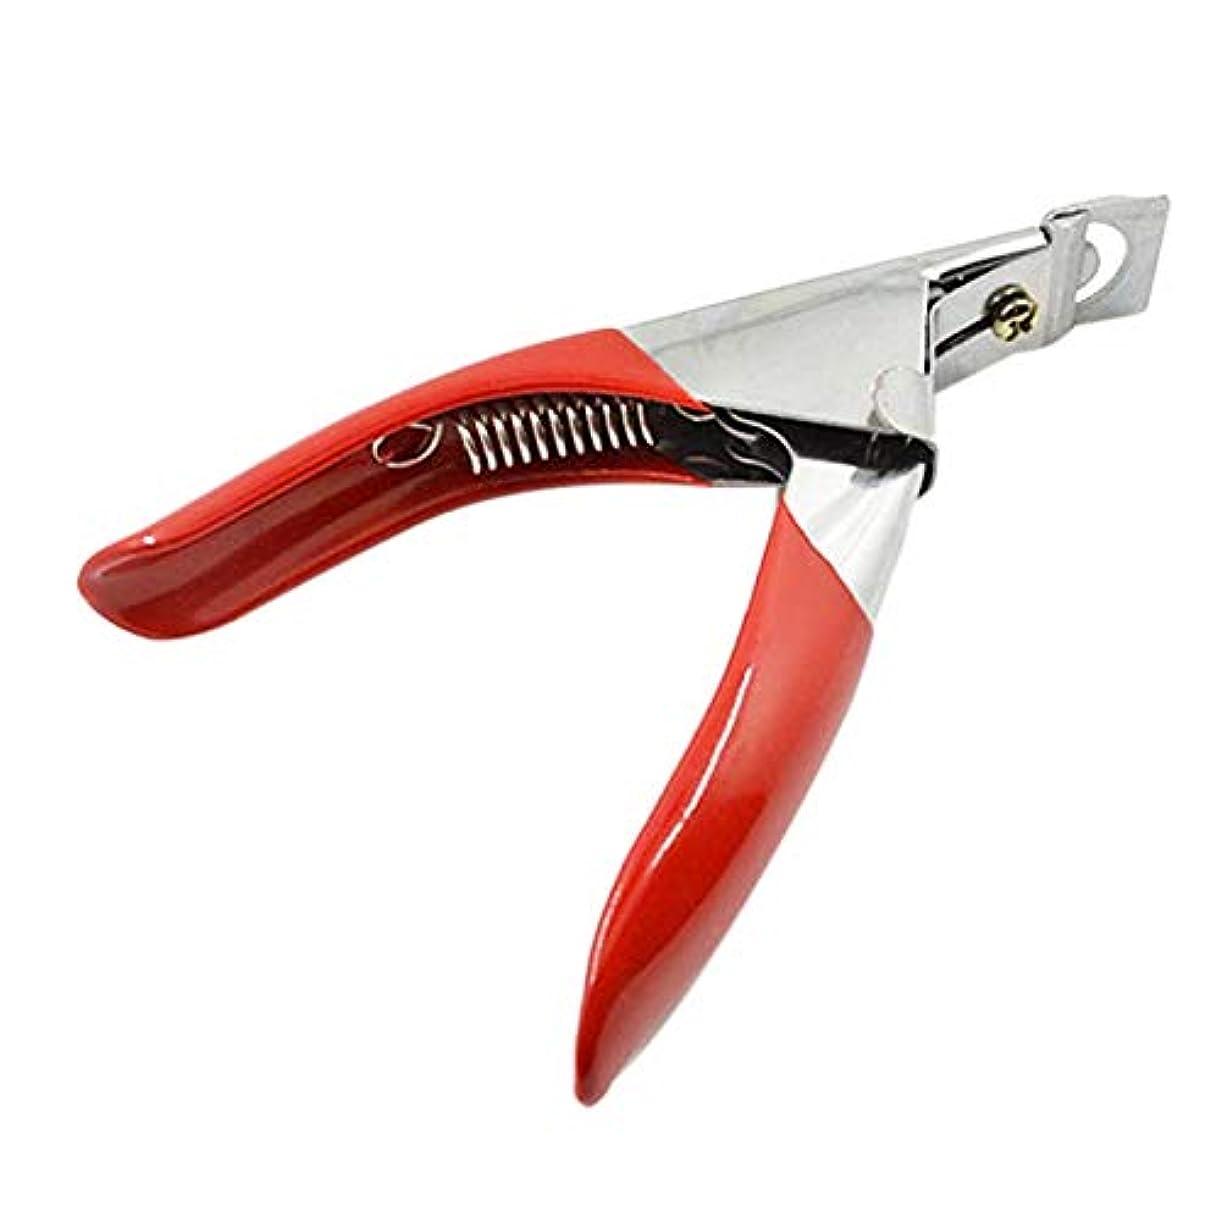 ファーザーファージュギャラリーリーンCUHAWUDBA マニキュア、ネイルのはさみ、カット、フランス語の言葉、偽爪のはさみ、カット用マニキュアのツール